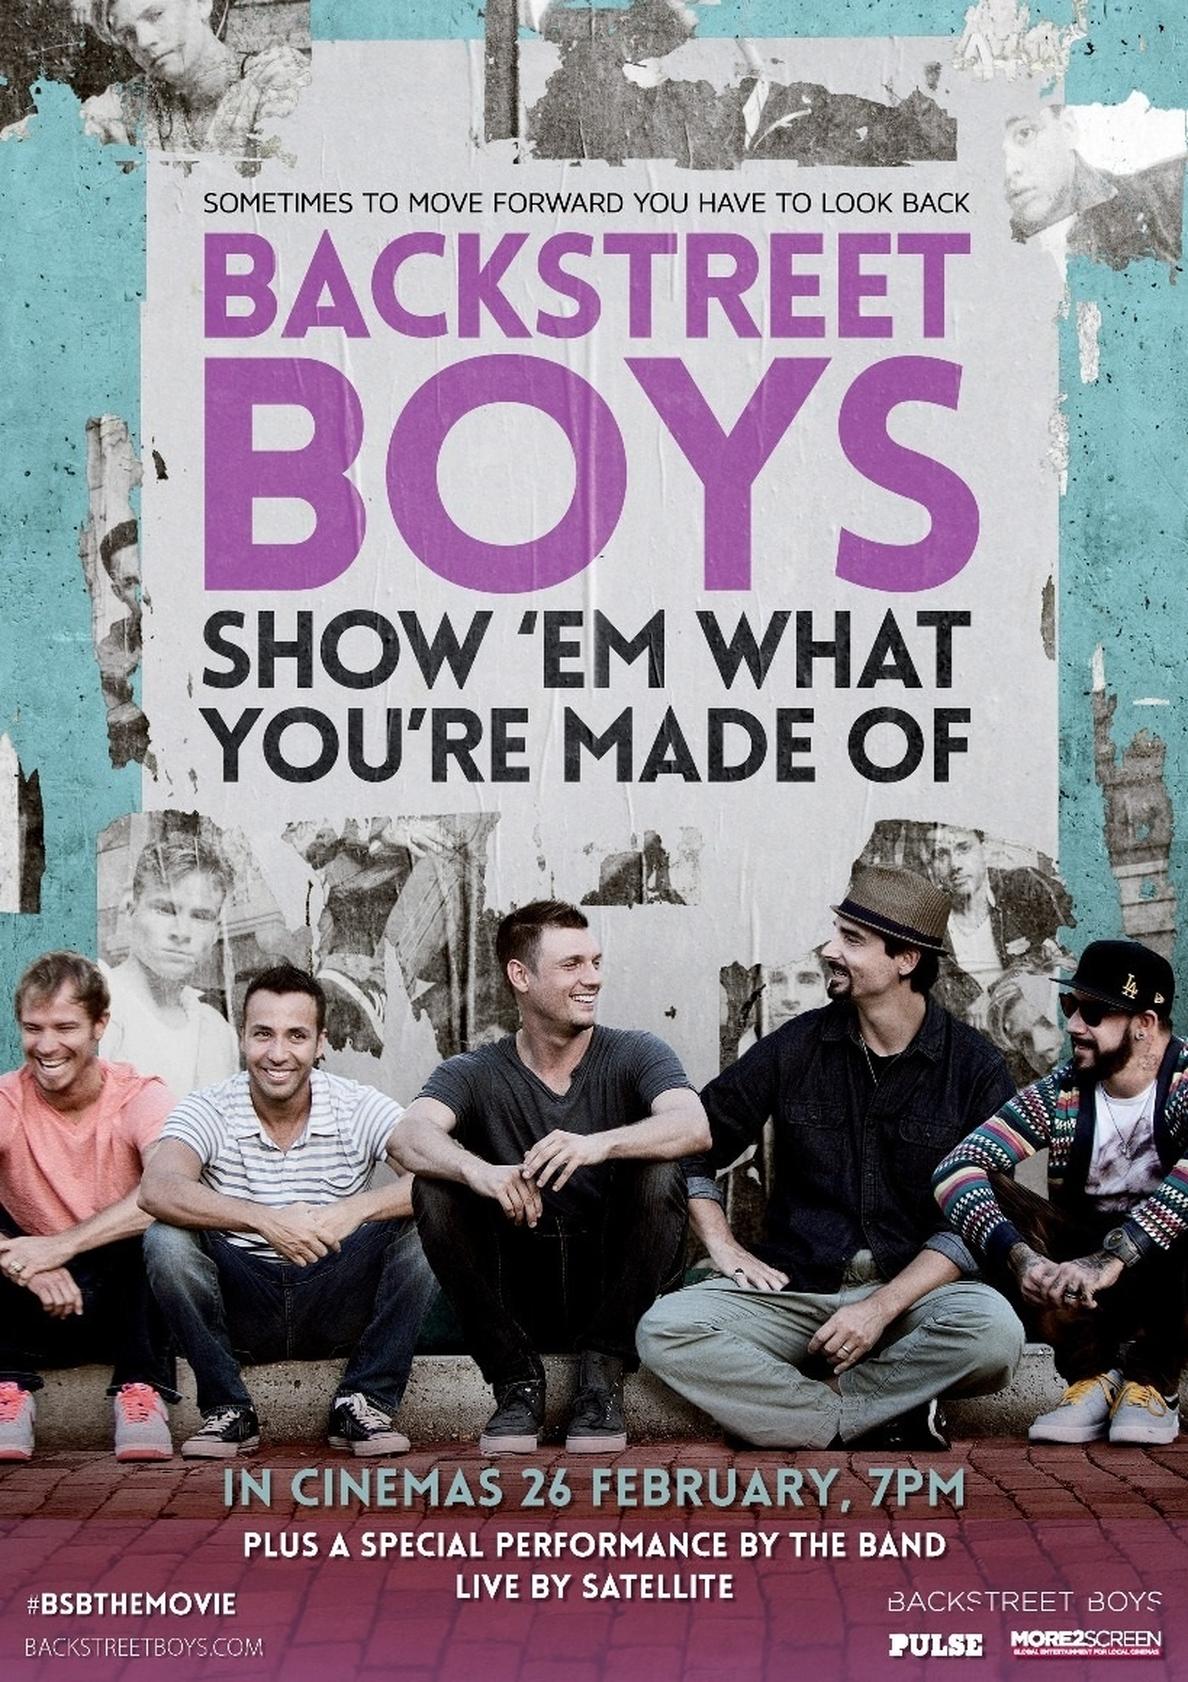 Cinesa proyectará un concierto acústico en directo de los Backstreet Boys en el 20 aniversario del grupo